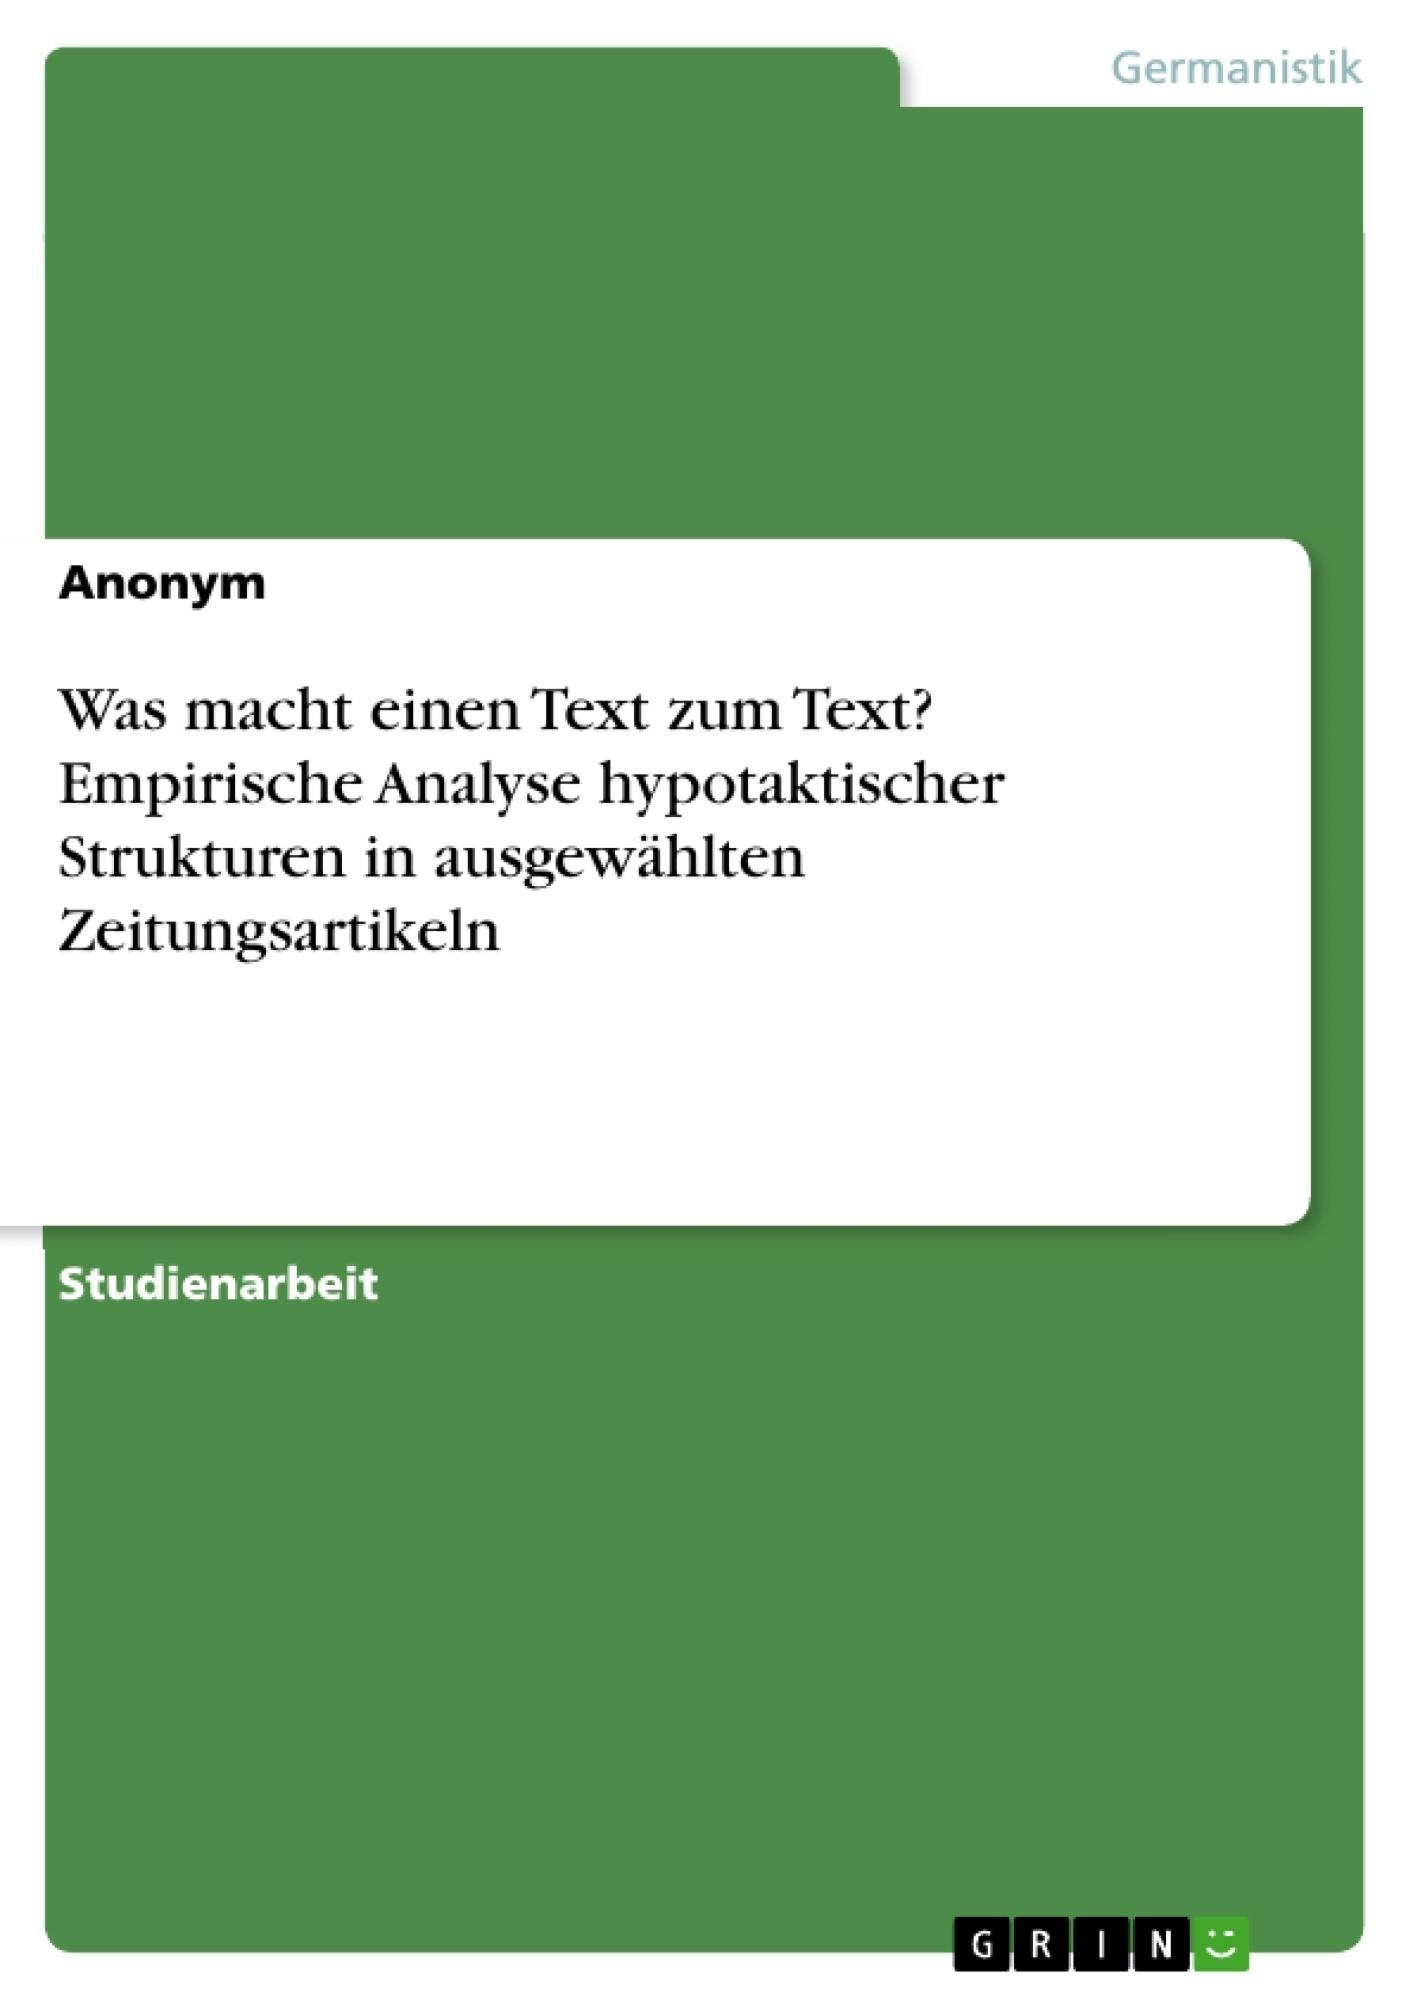 Titel: Was macht einen Text zum Text? Empirische Analyse hypotaktischer Strukturen in ausgewählten Zeitungsartikeln